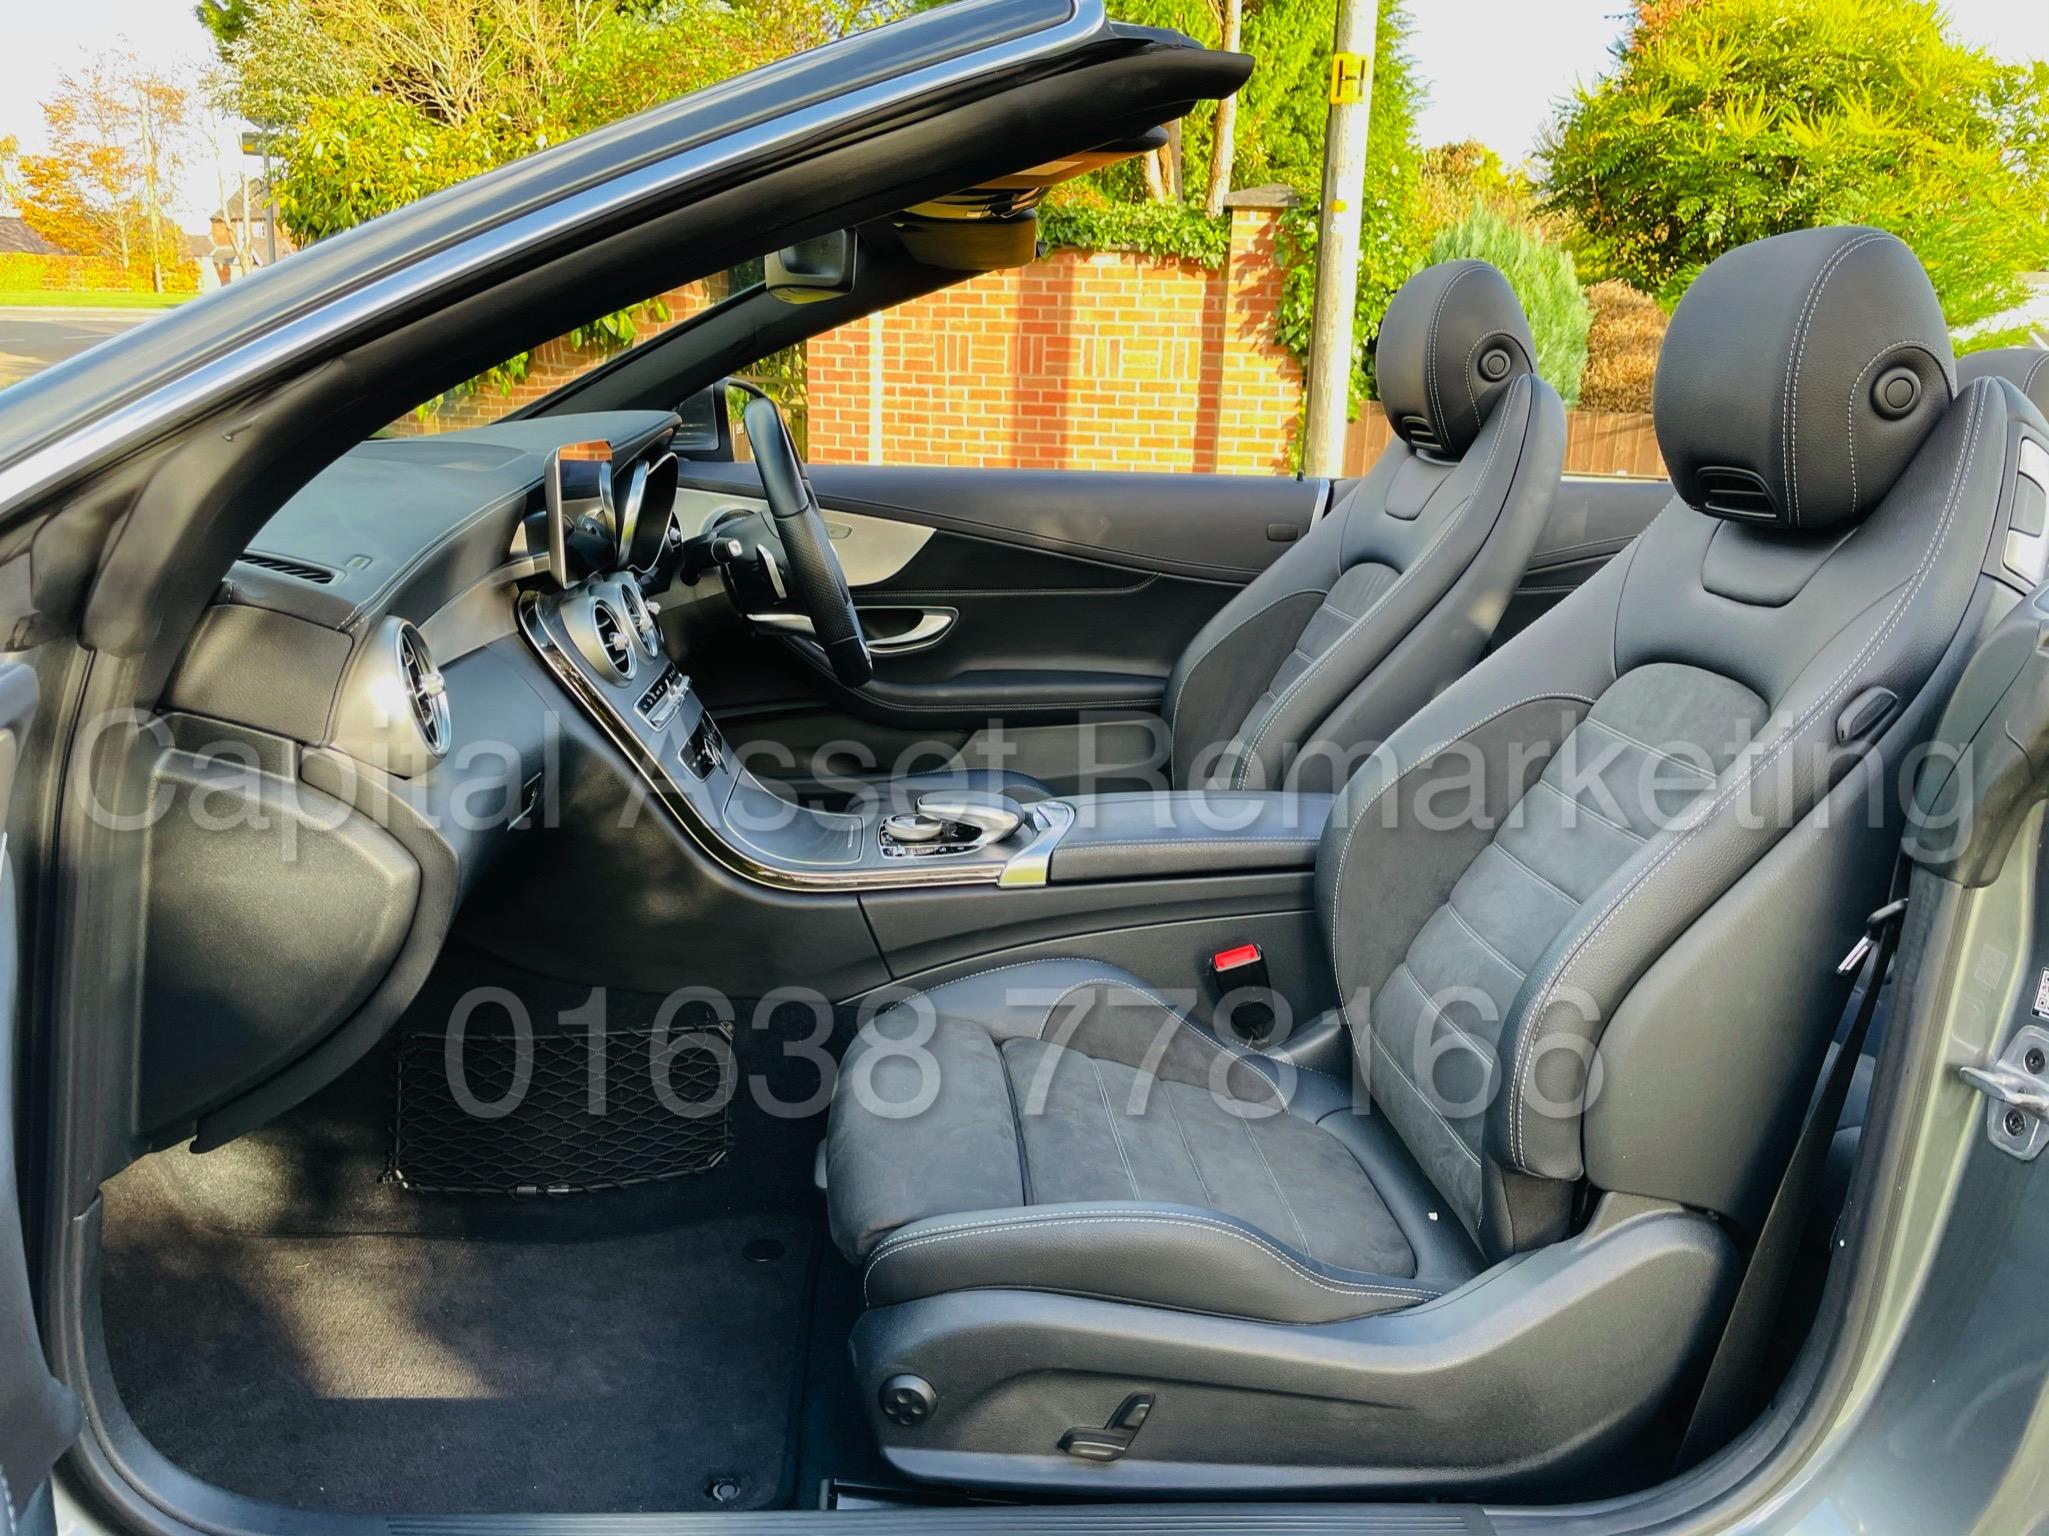 (On Sale) MERCEDES-BENZ C220D *AMG LINE -CABRIOLET* (2019) '9G AUTO - LEATHER - SAT NAV' *HUGE SPEC* - Image 22 of 43